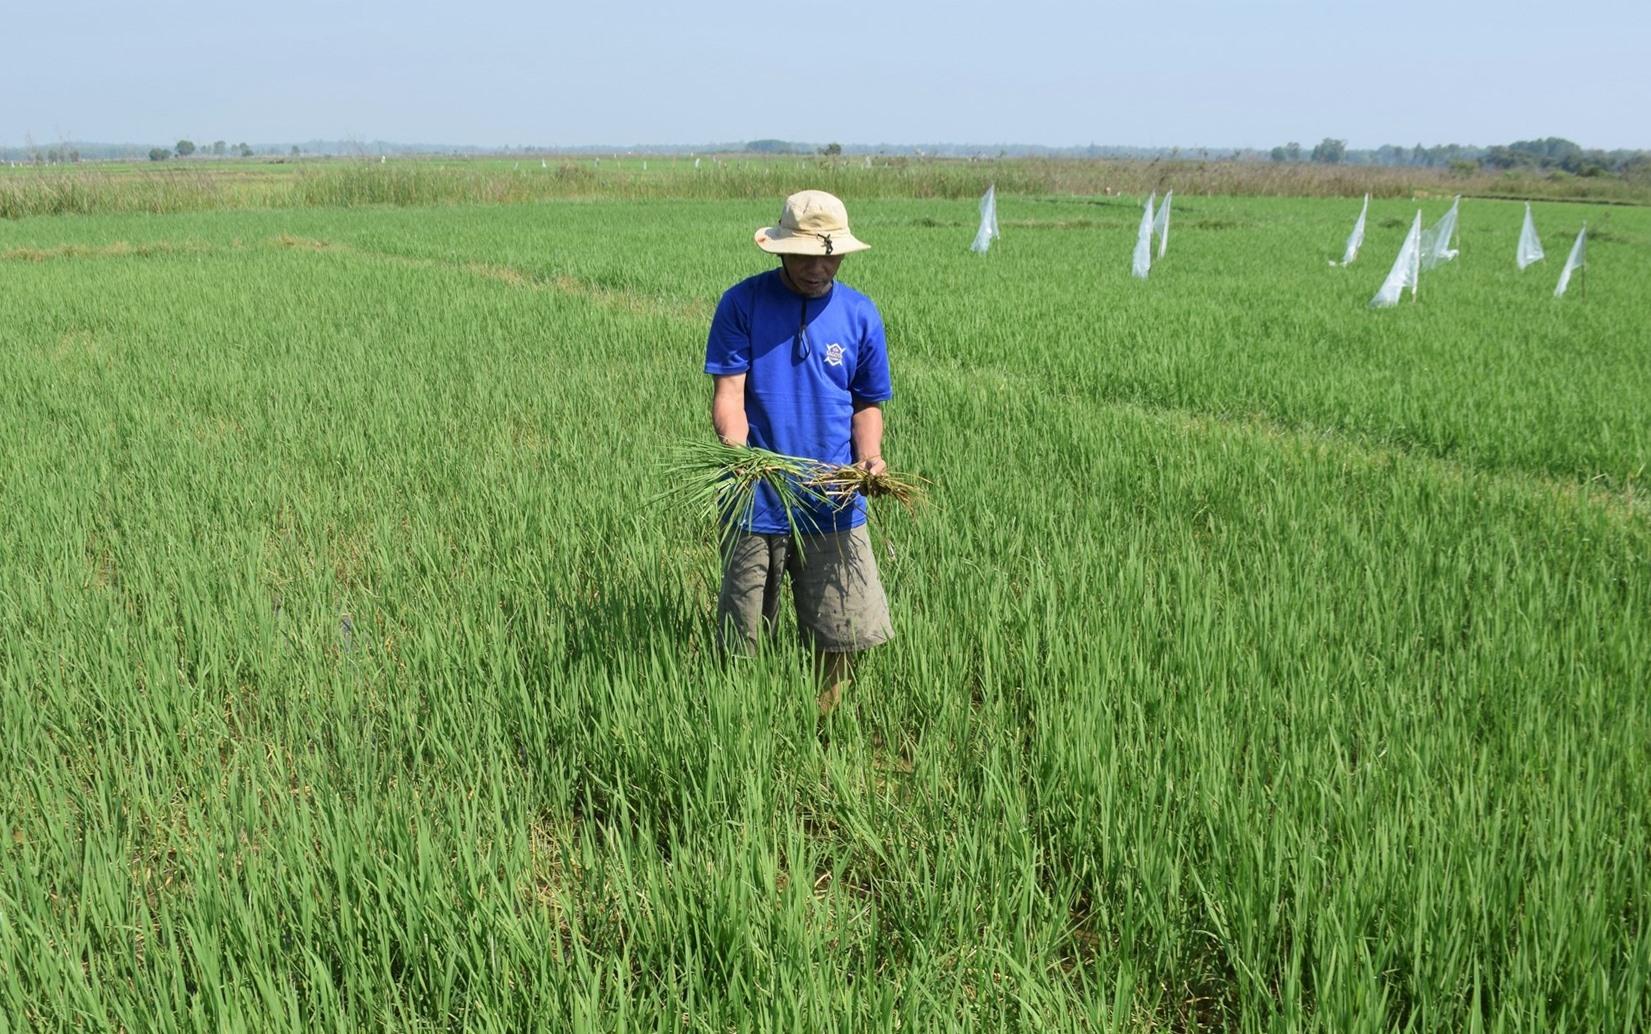 Chuột phá hại lúa trên diện rộng khiến nông dân lo lắng năng suất lúa sẽ giảm. Ảnh: THANH THẮN